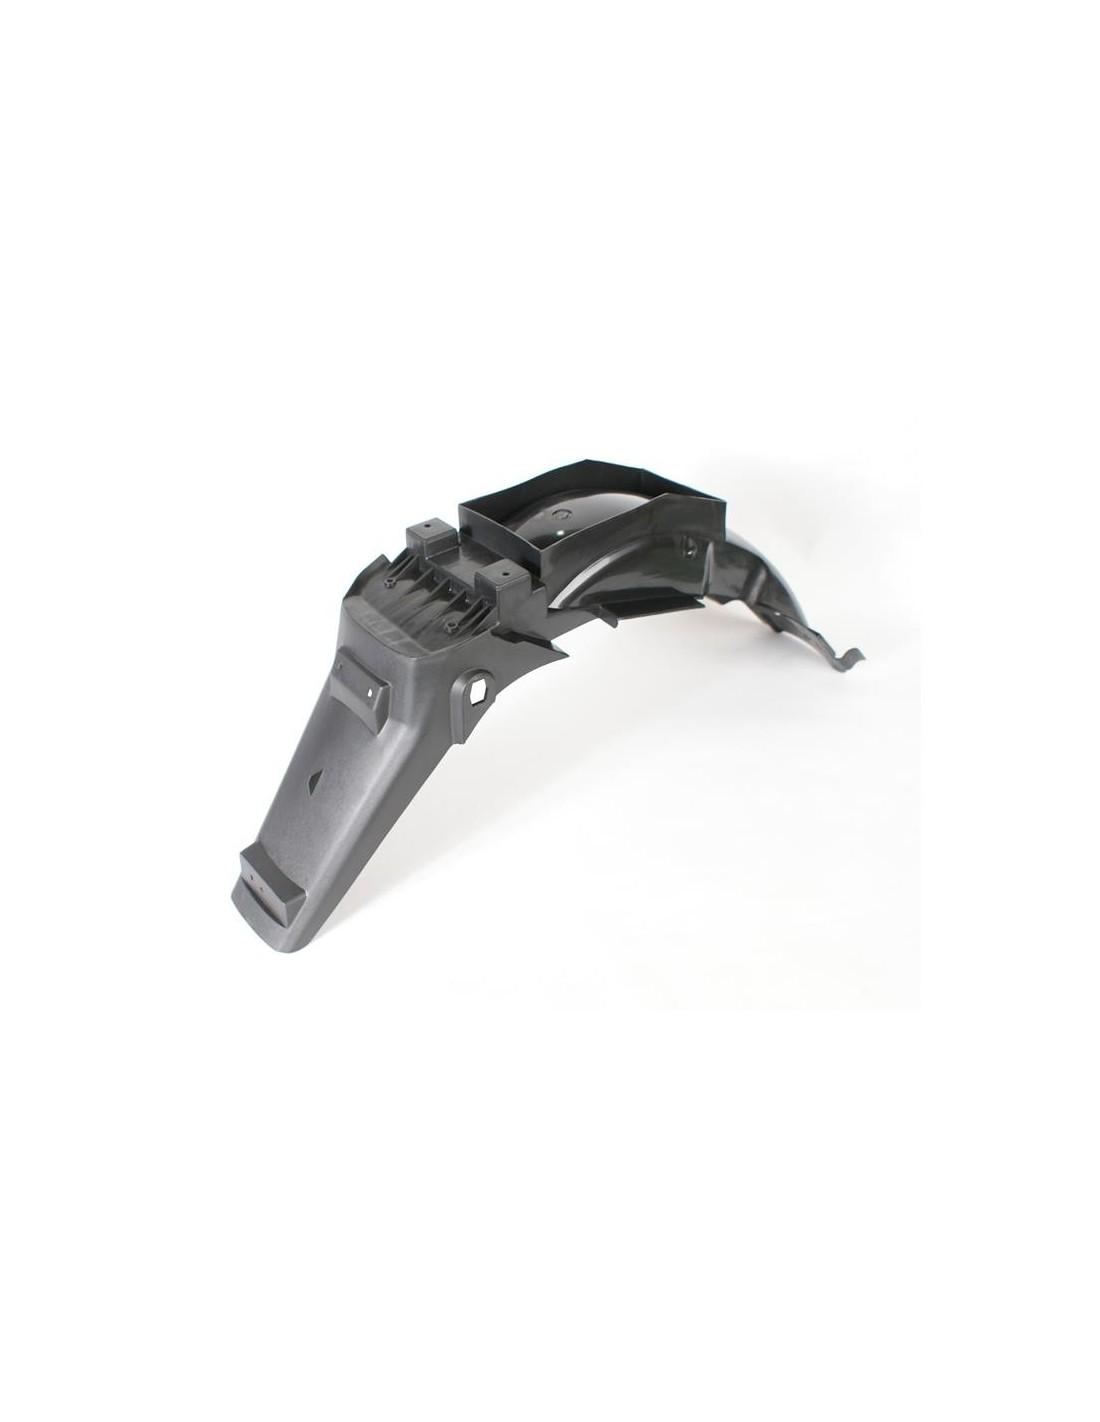 błotnik tylny Romet RXL 4T produkowany od 2007 do 2009r